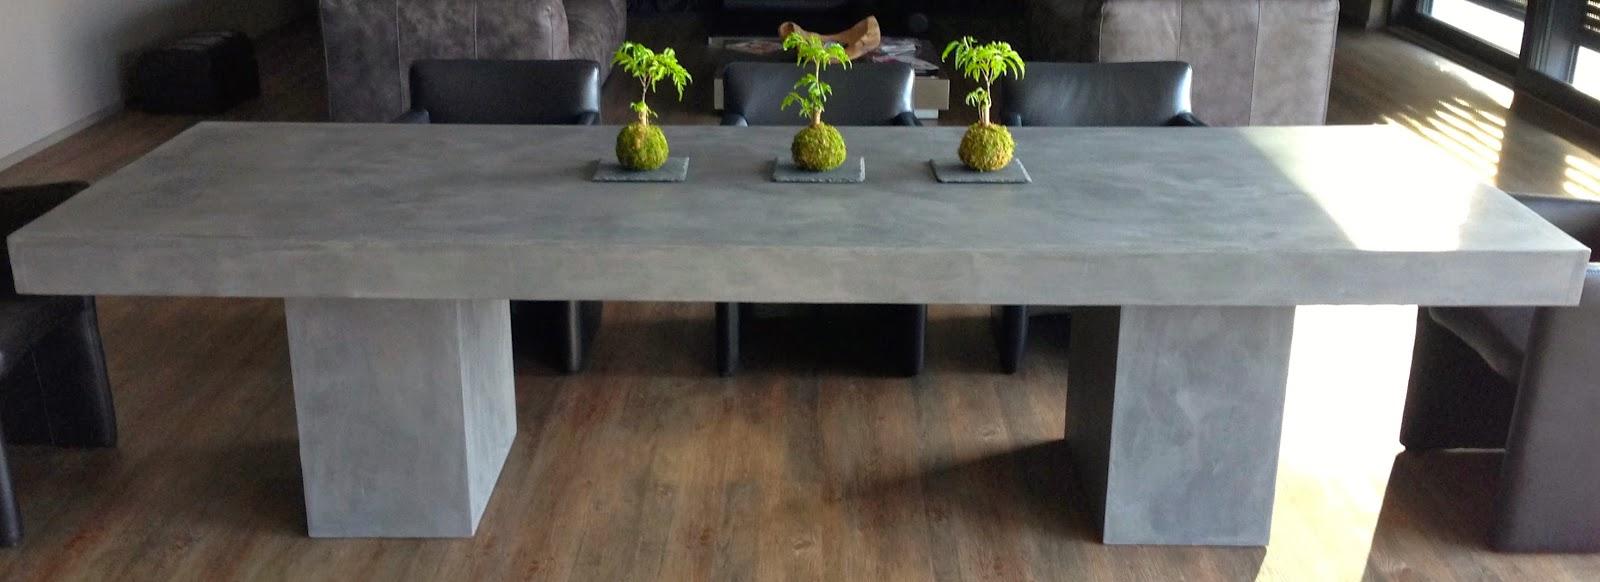 Betonoptik Mobel Massivholztisch Aufpeppen Tischplatte In